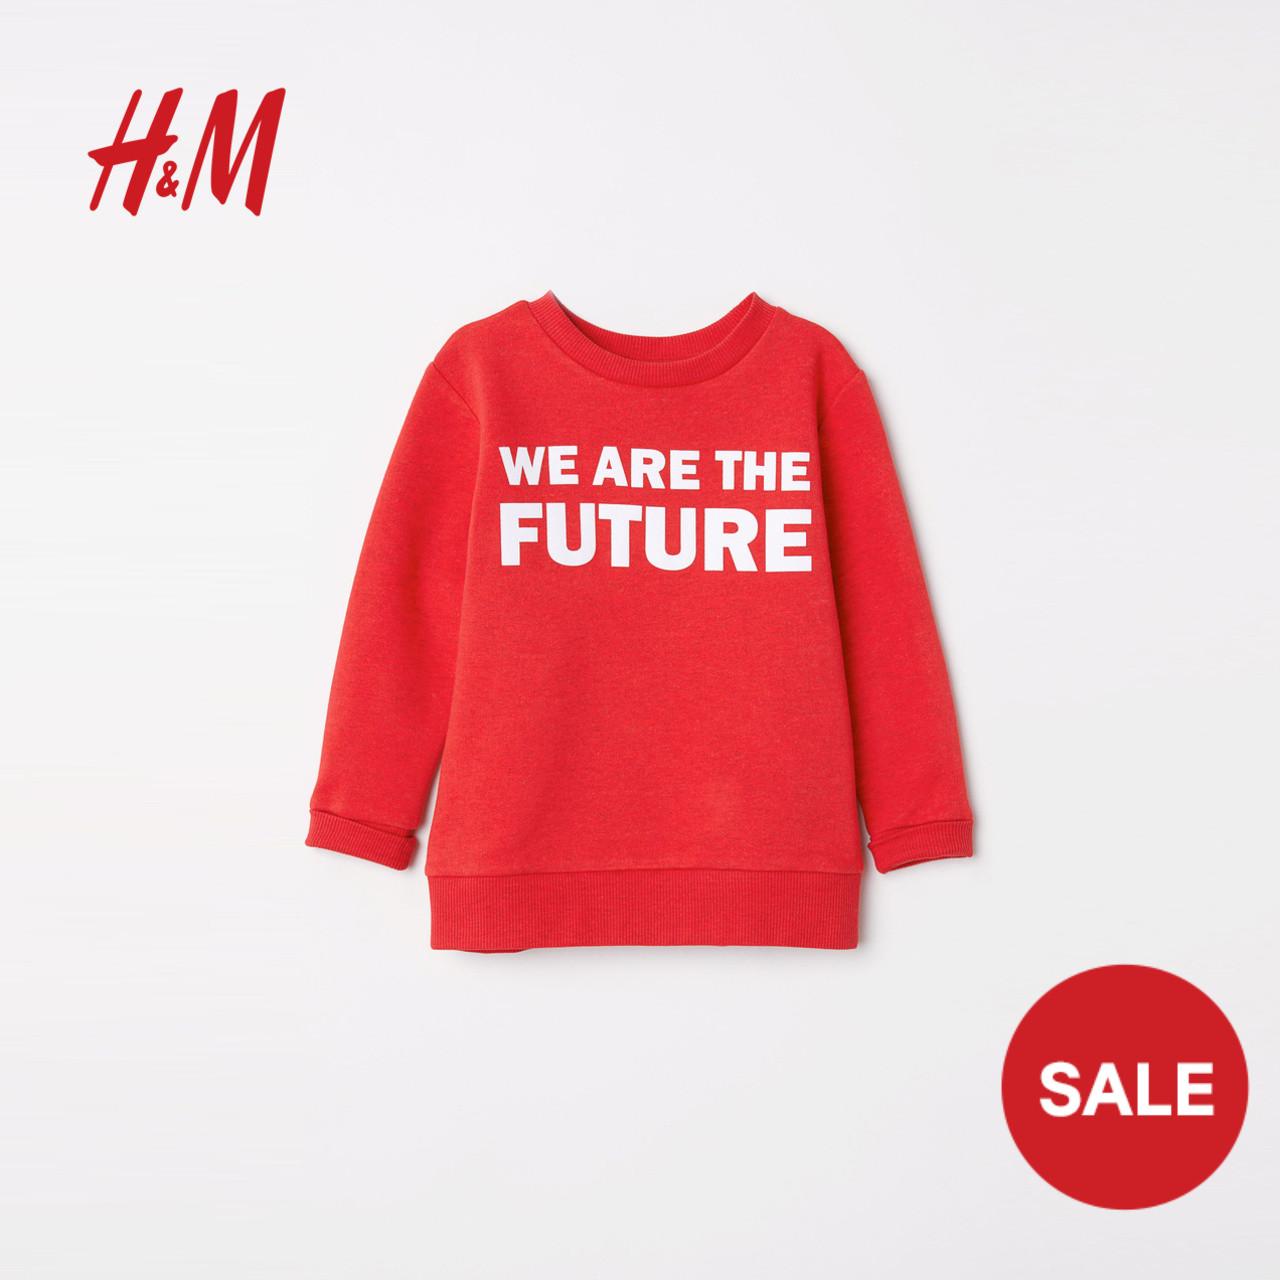 H&M童装女童2018年新款柔软拉绒字母图案长袖套头卫衣 HM0621766